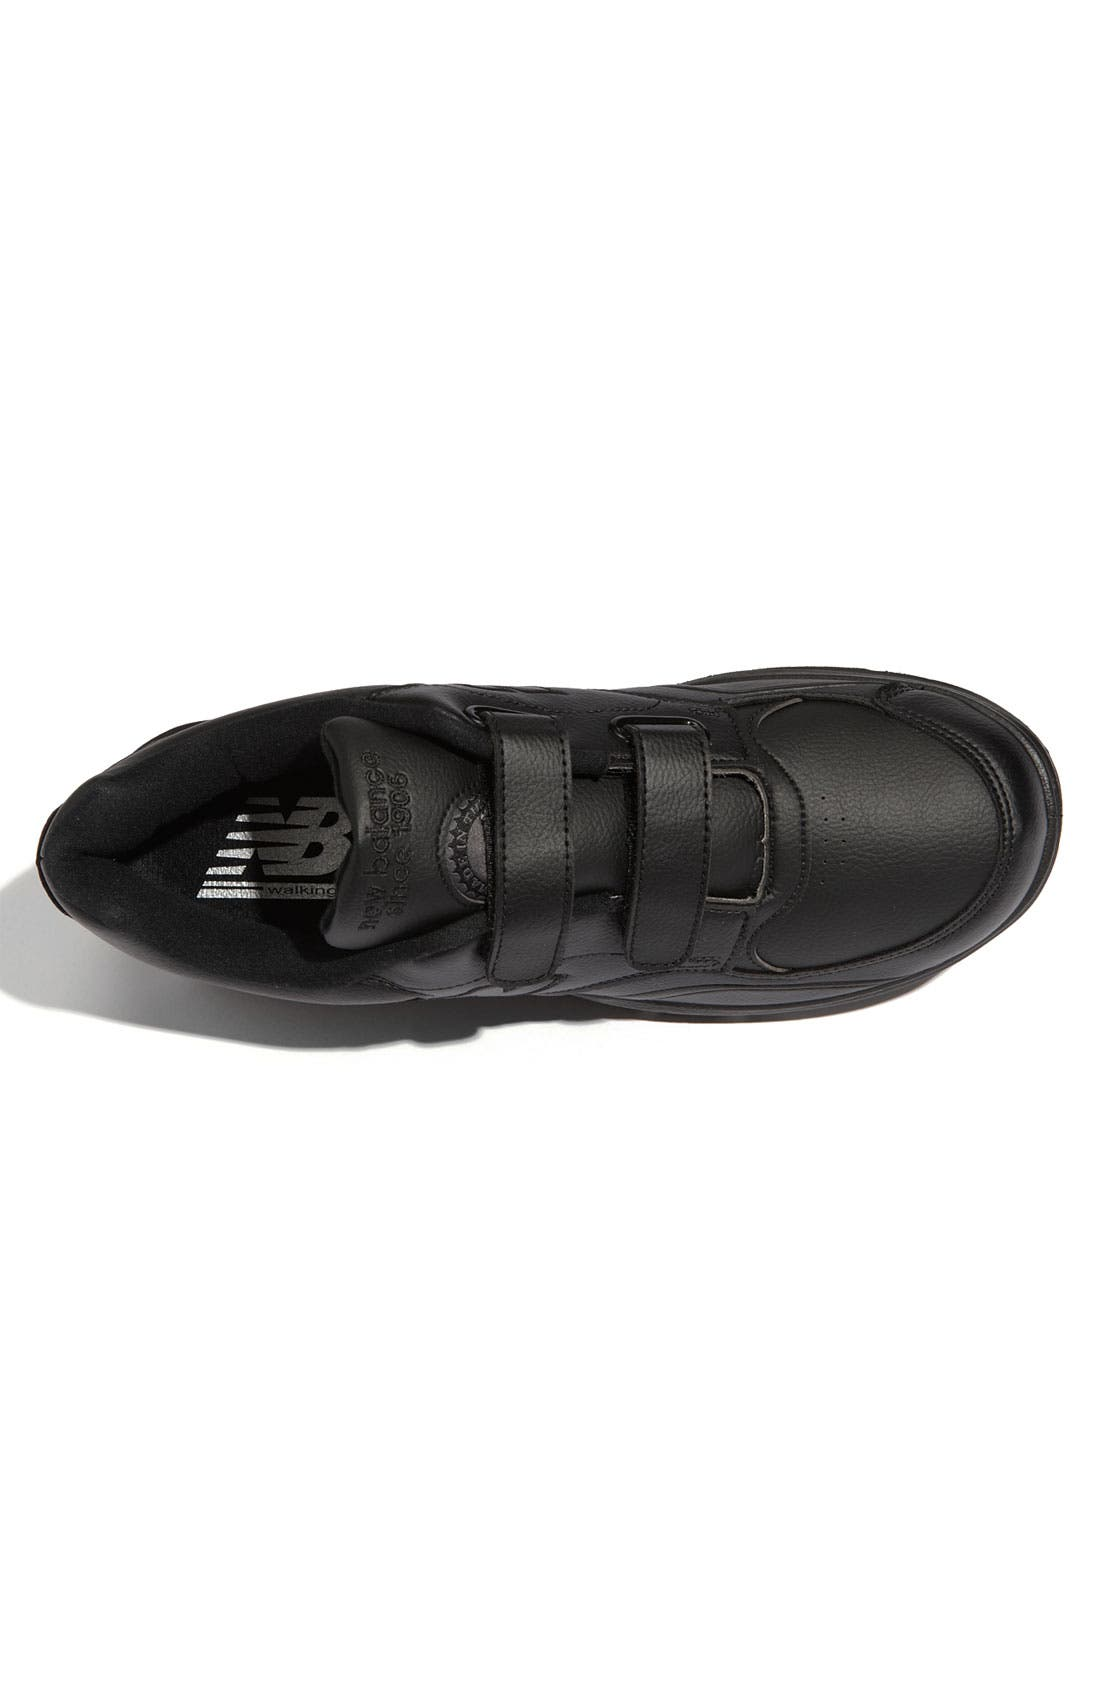 Alternate Image 3  - New Balance '812' Walking Shoe (Men)